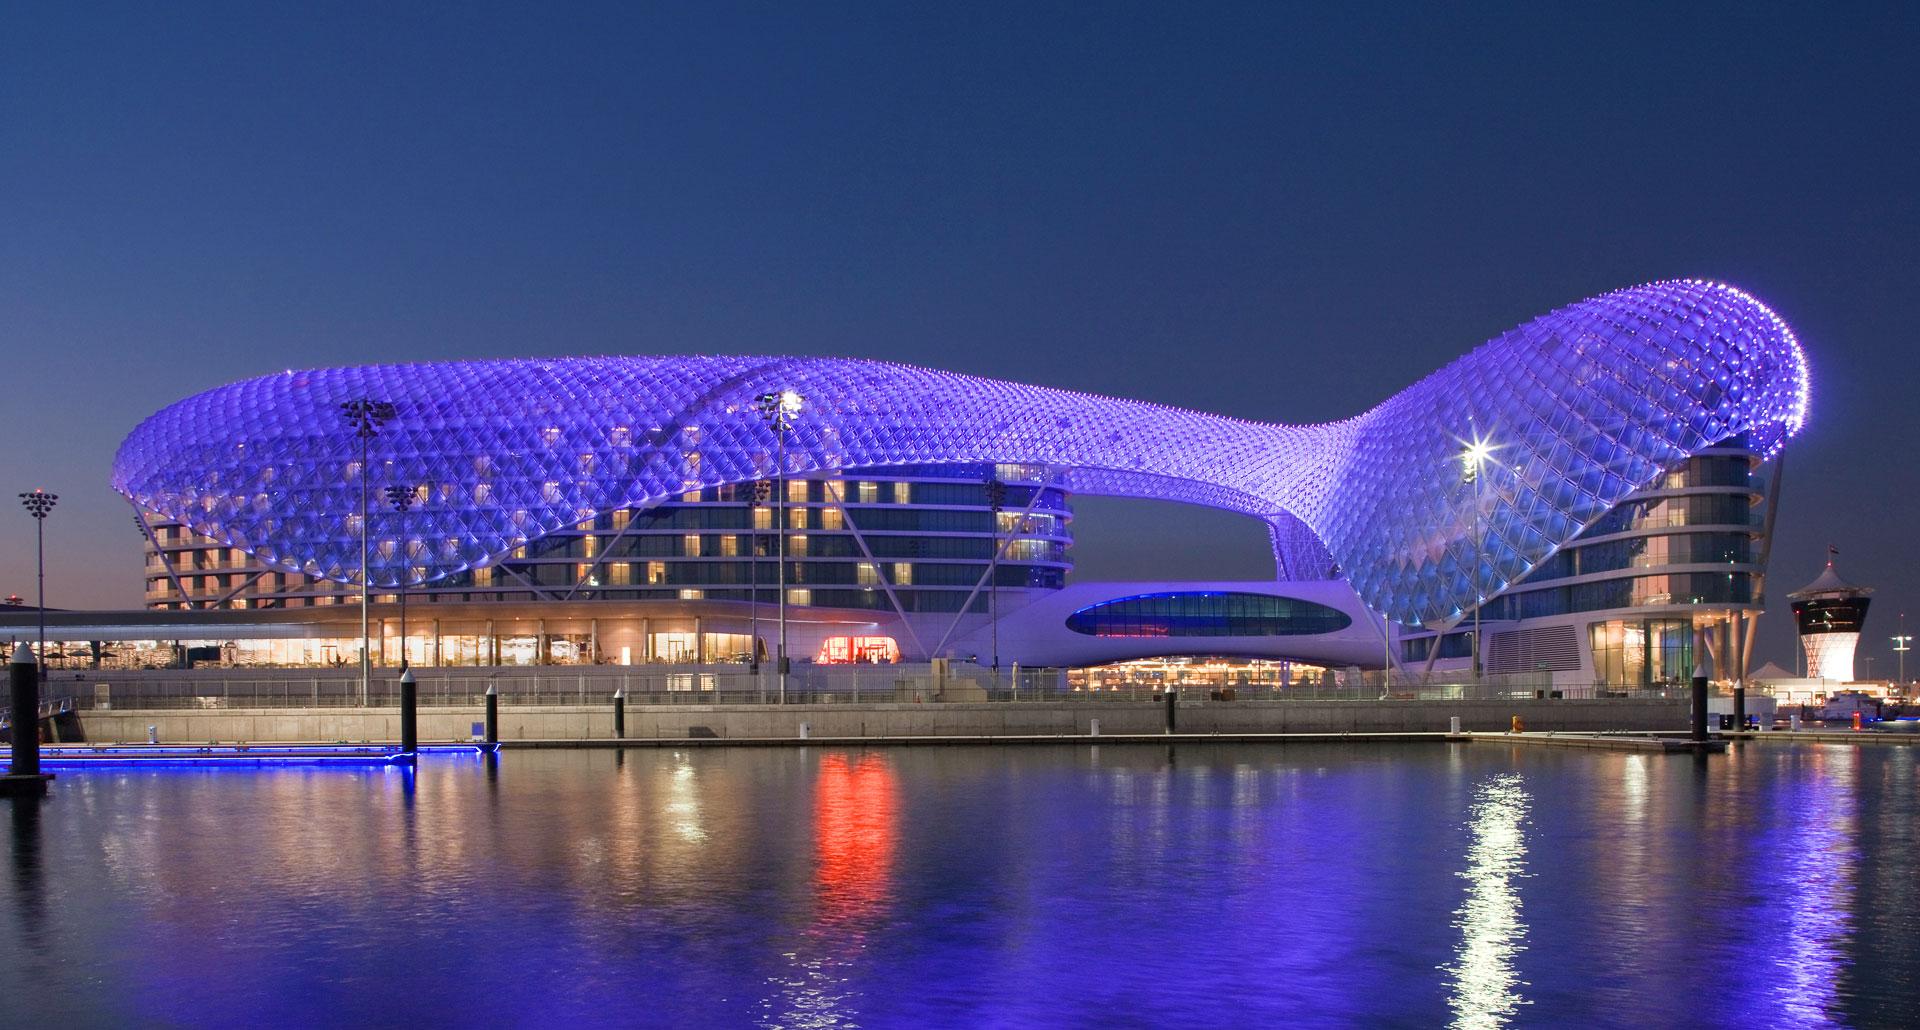 Yas Viceroy Abu Dhabi - boutique hotel in Abu Dhabi